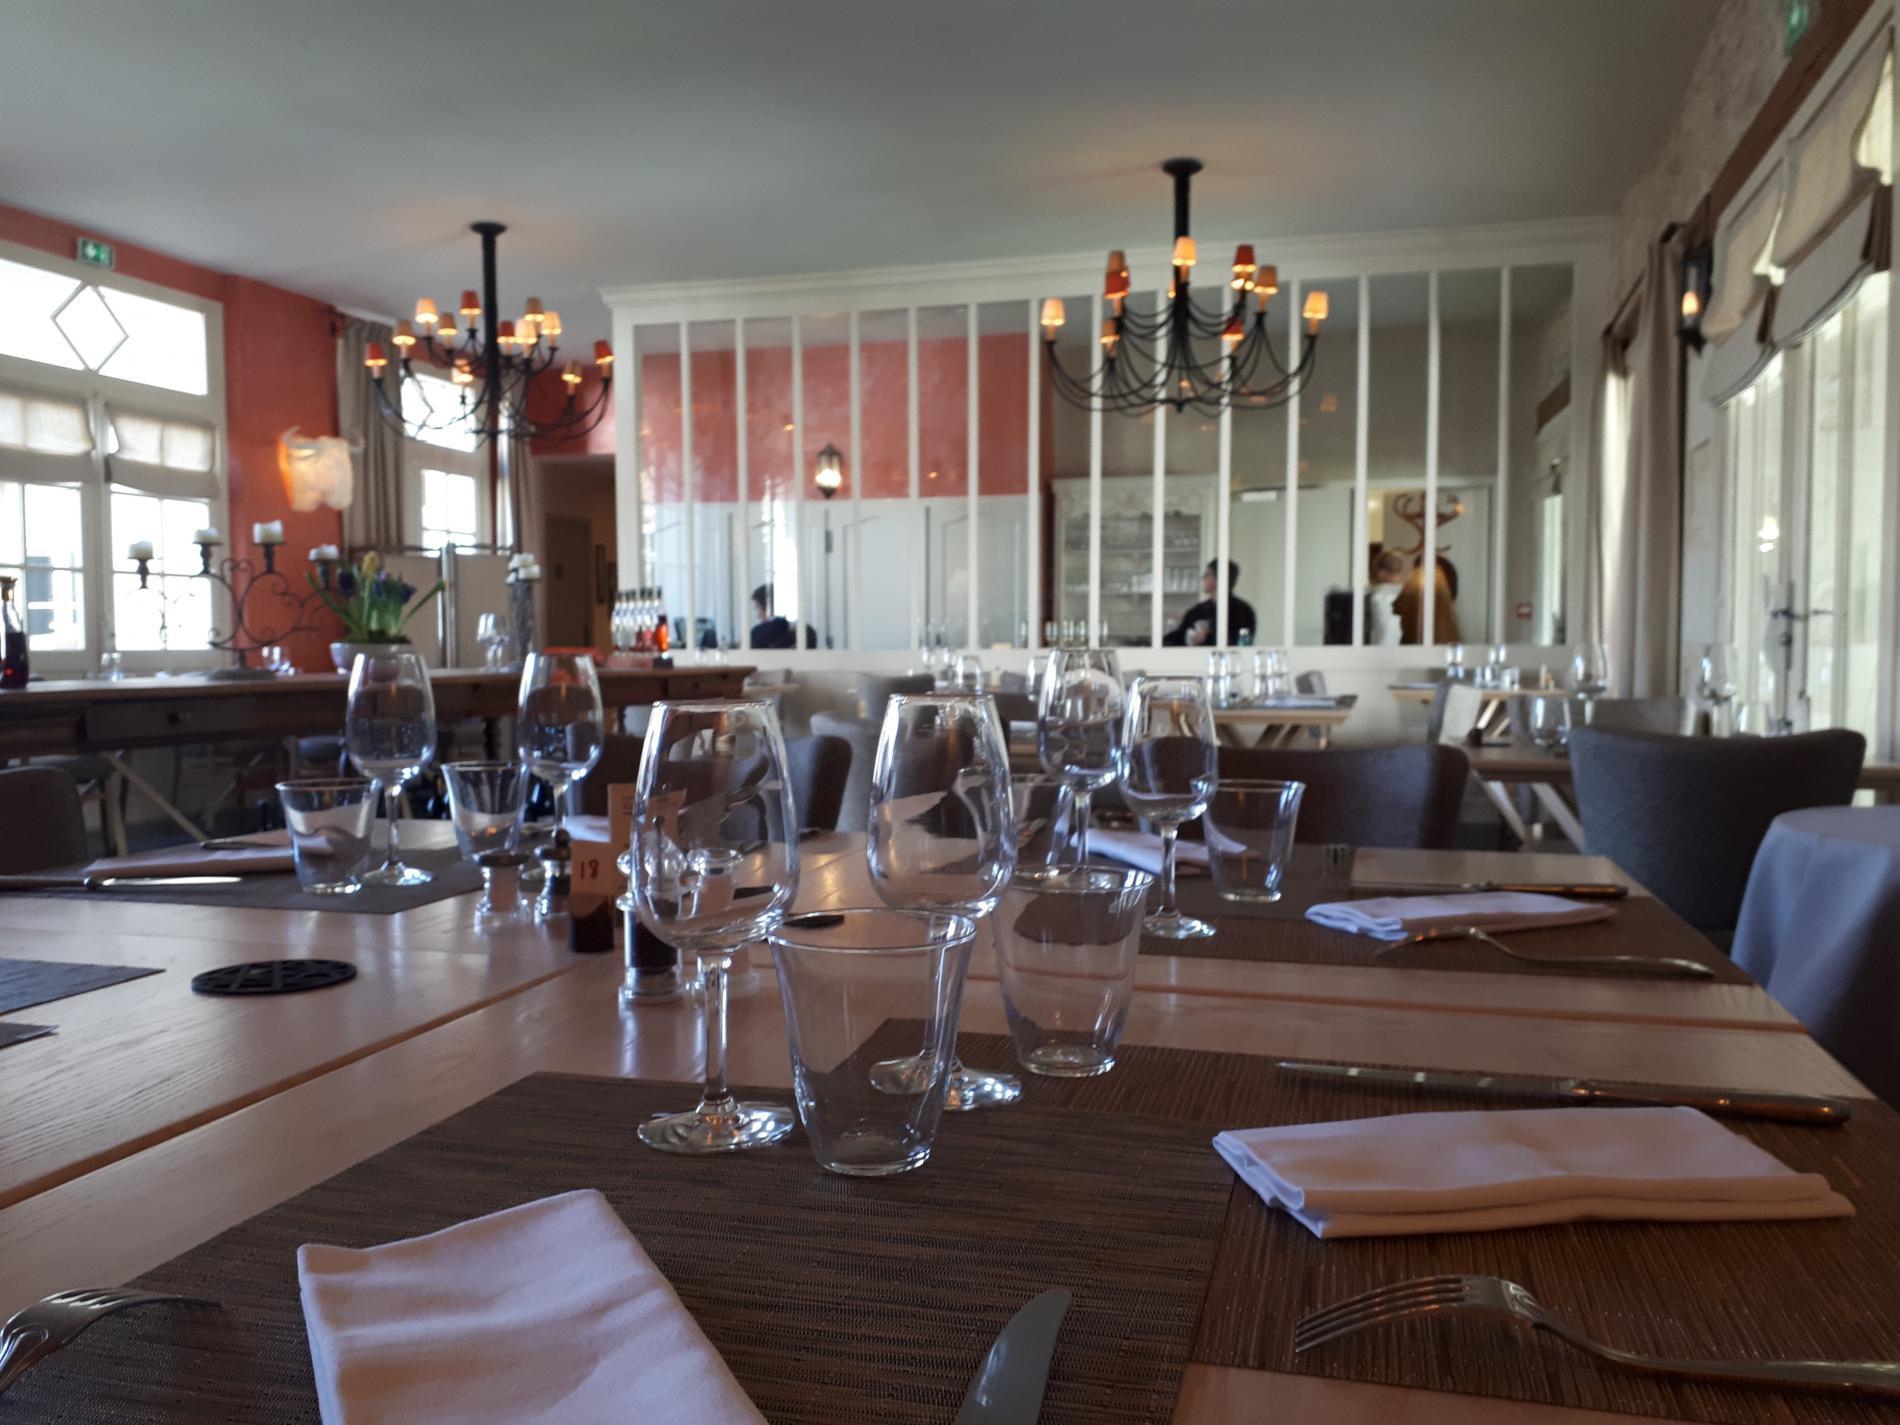 Exceptionnellement le restaurant sera fermé pour congés annuels du 27 septembre au mercredi 6 octobre